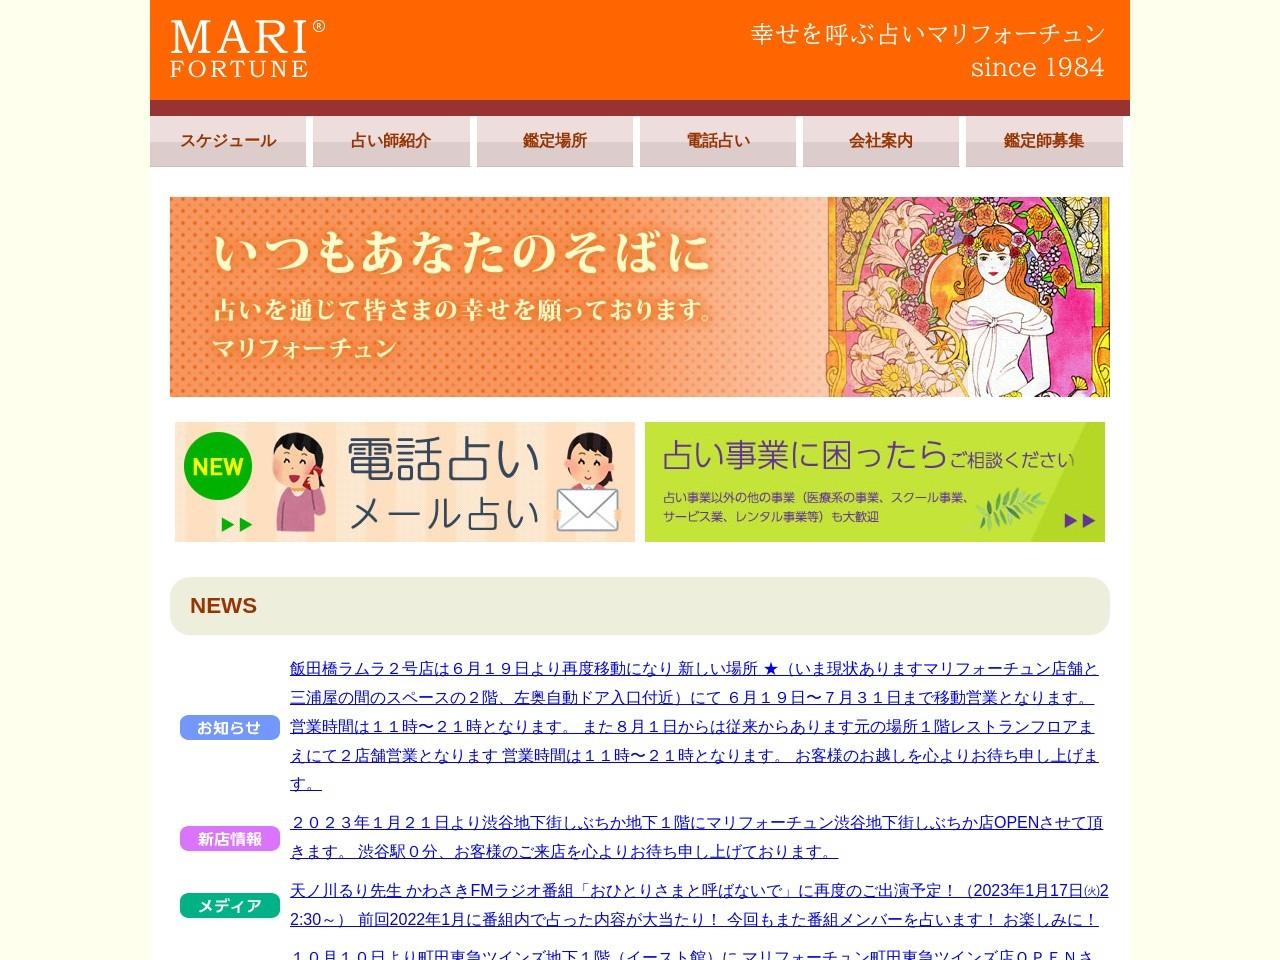 幸せを呼ぶ占いマリフォーチュン -東京 神奈川 占い 恋愛 風水 タロット占い 霊視 スピリチュアル 占星術